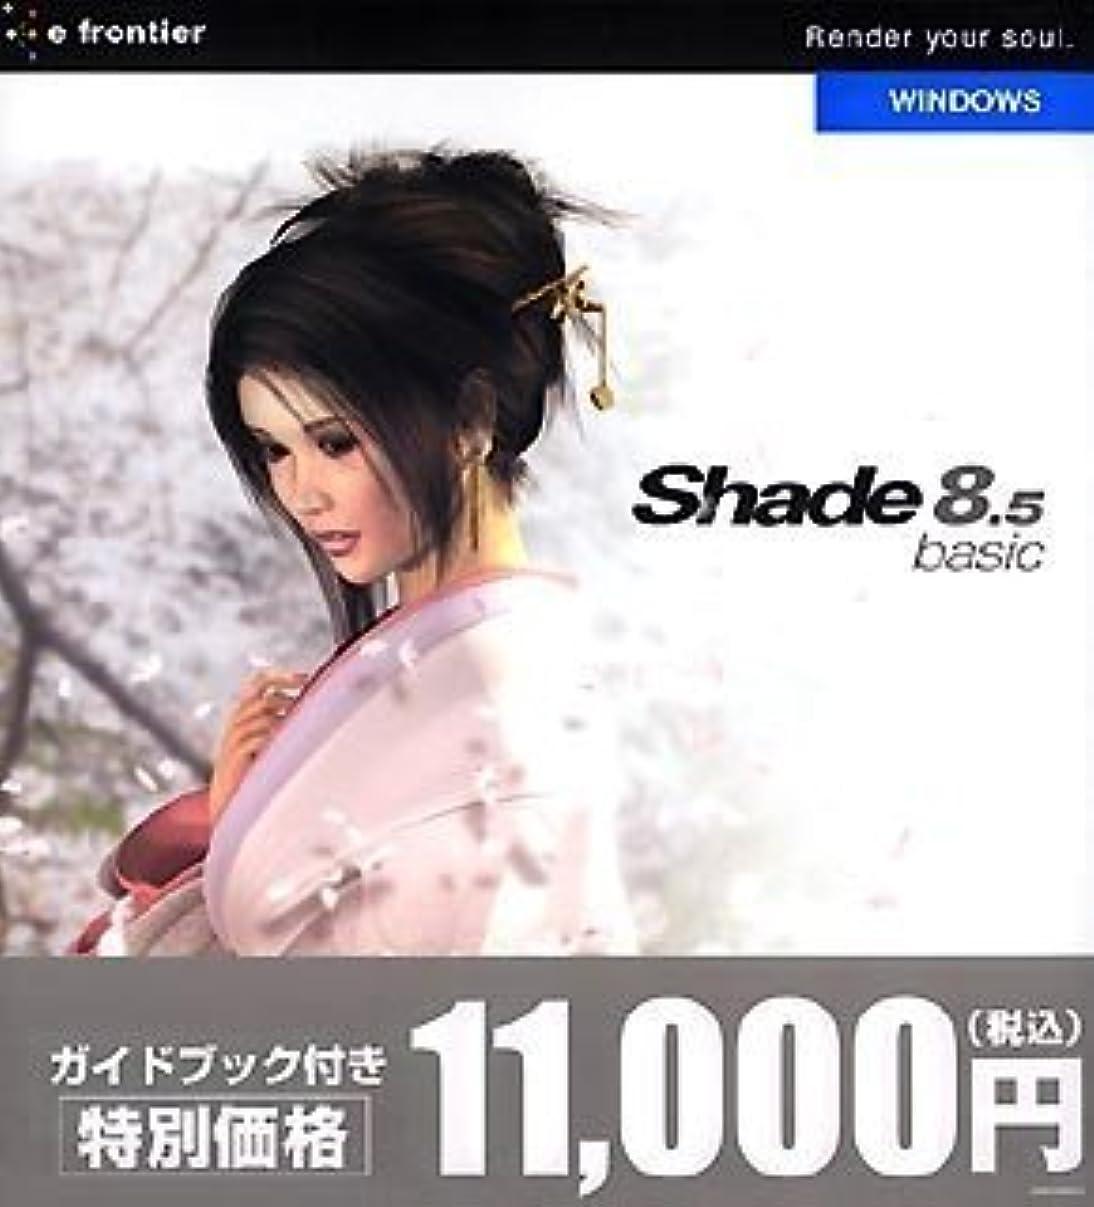 再集計伝説所属Shade 8.5 basic for Windows ガイドブックバンドル